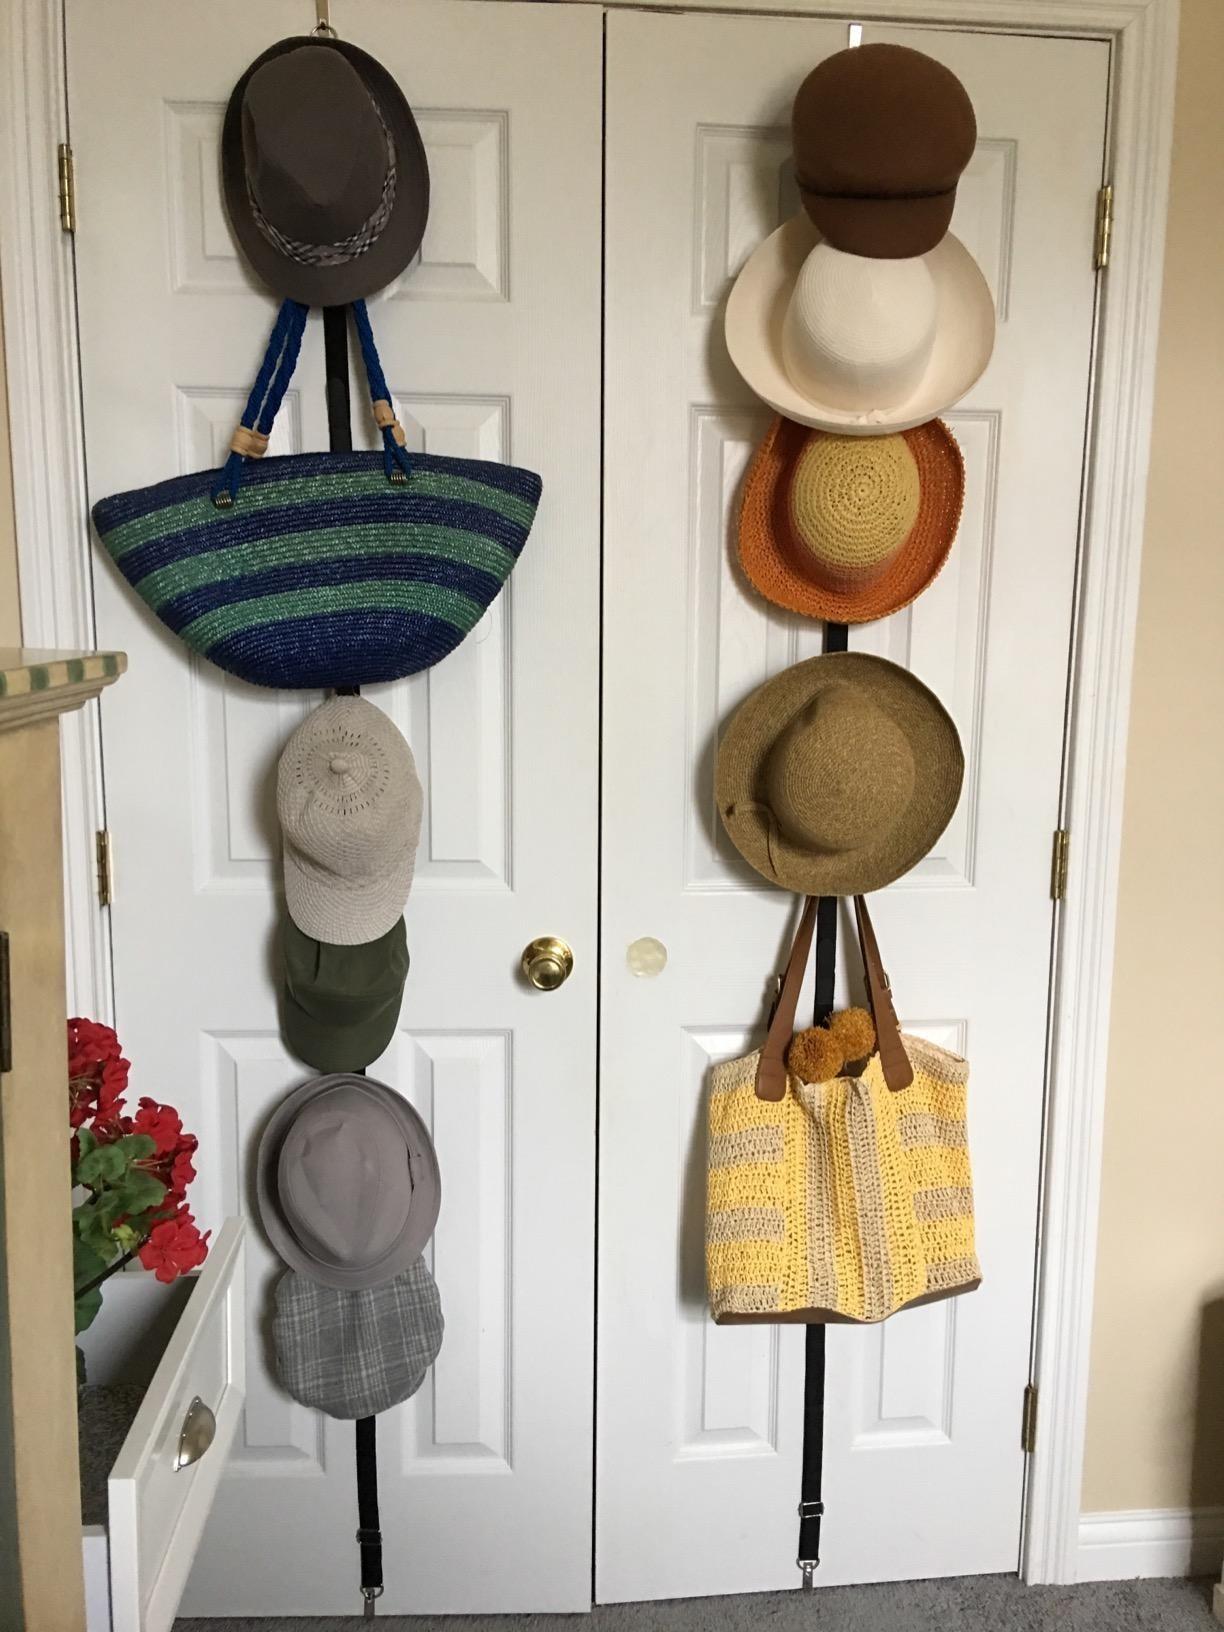 Hats hanging on closet door